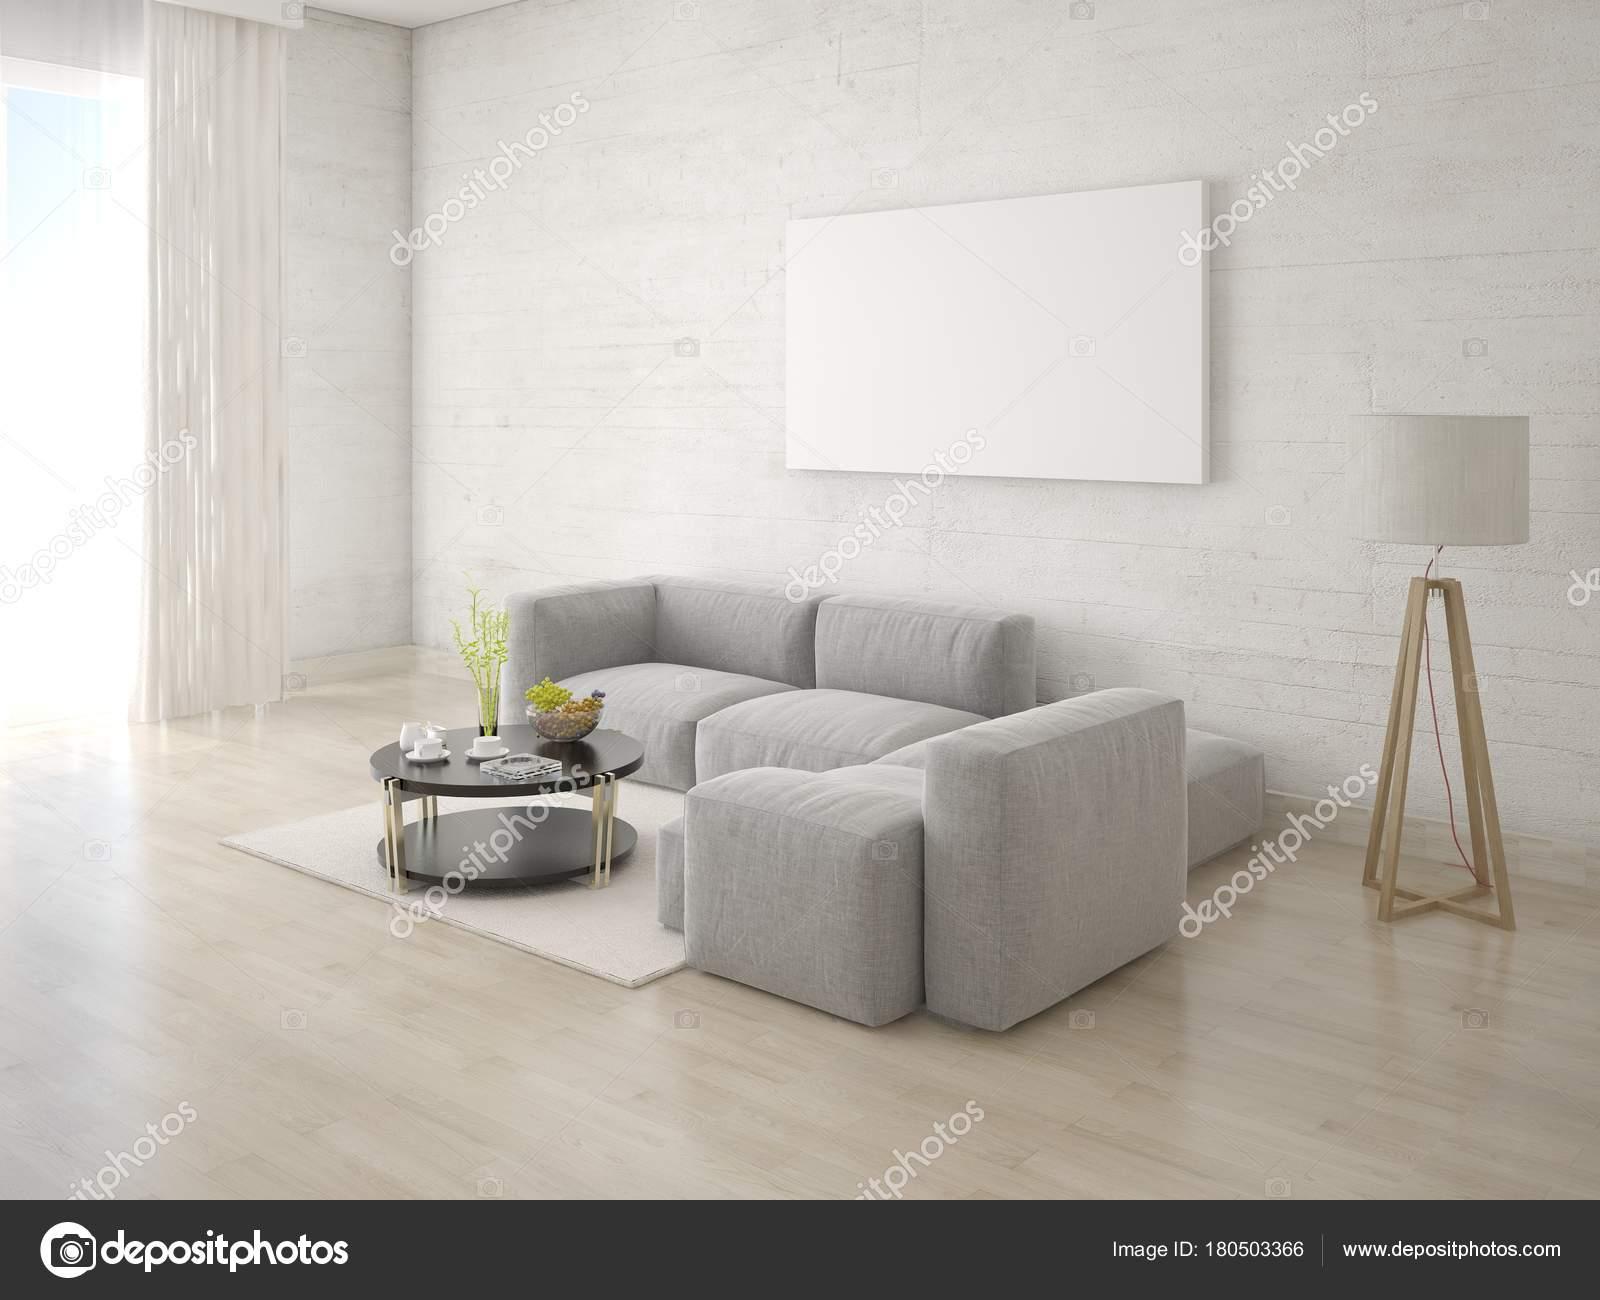 Divano Ad Angolo Grande : Mock poster soggiorno con divano angolo una grande cornice vuota